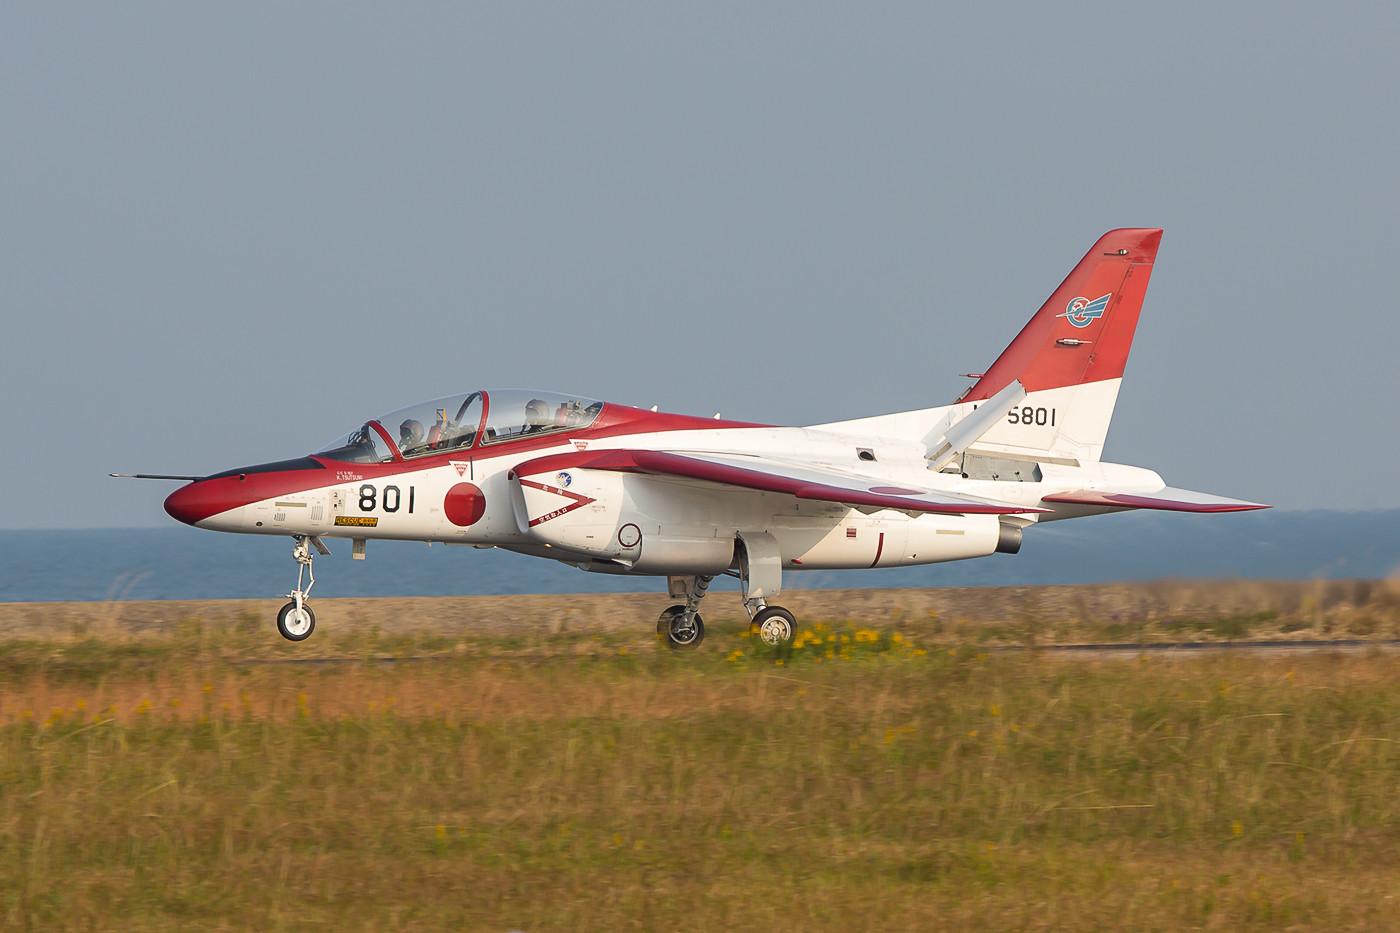 Kawasaki T-4 aus Ashiya 50 km nördlich.